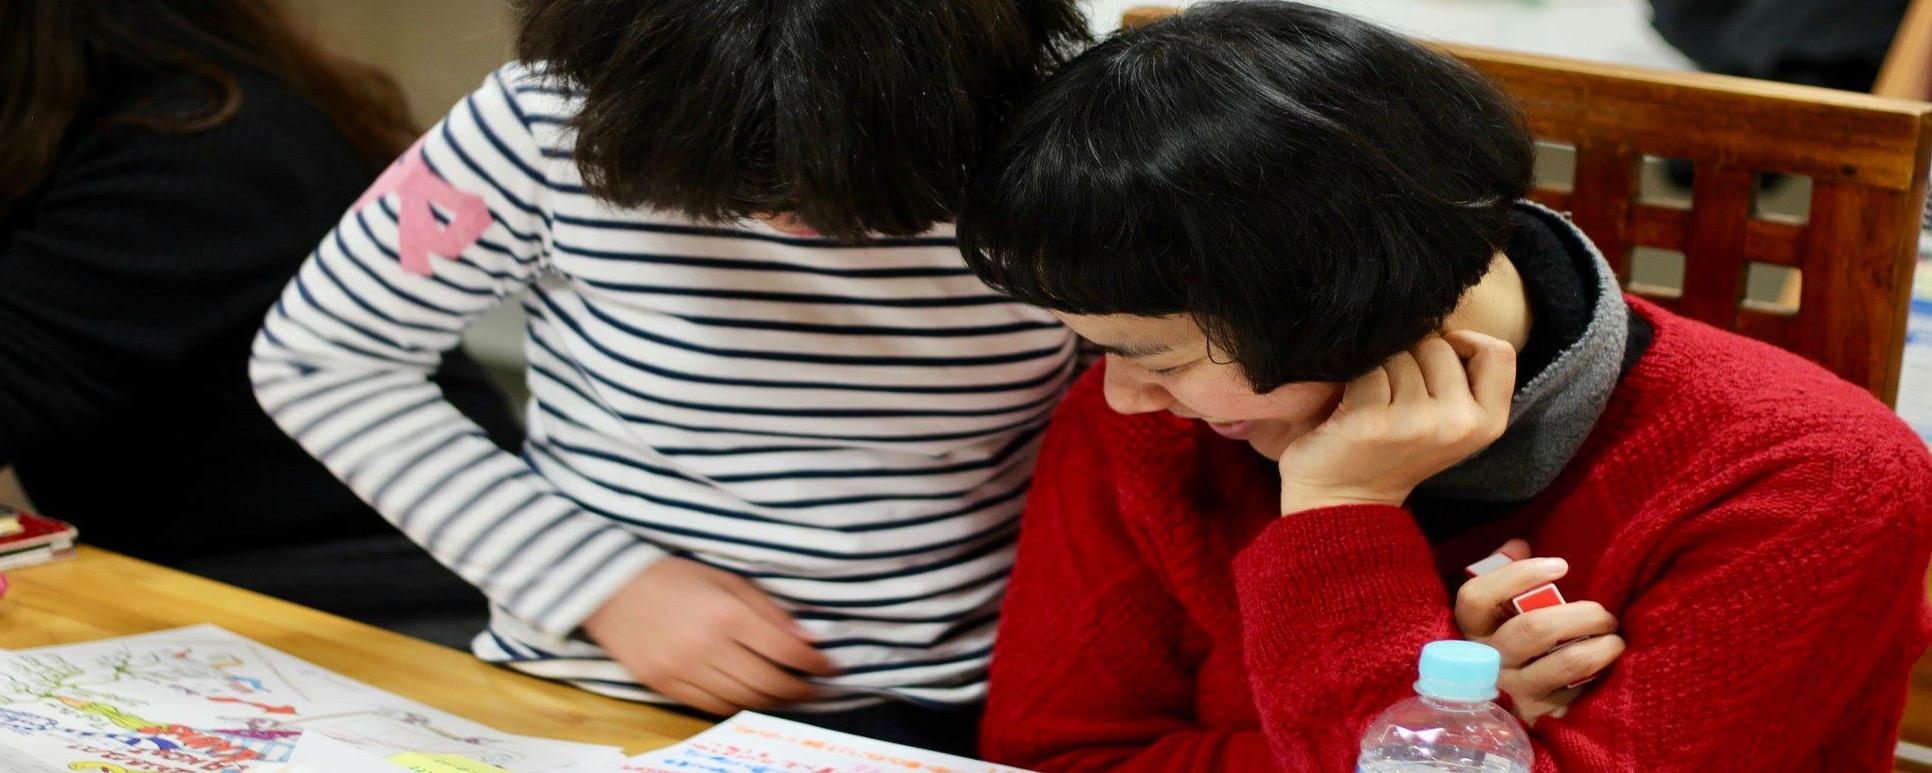 子どものための読書会@西宮 @ マイマイショップ